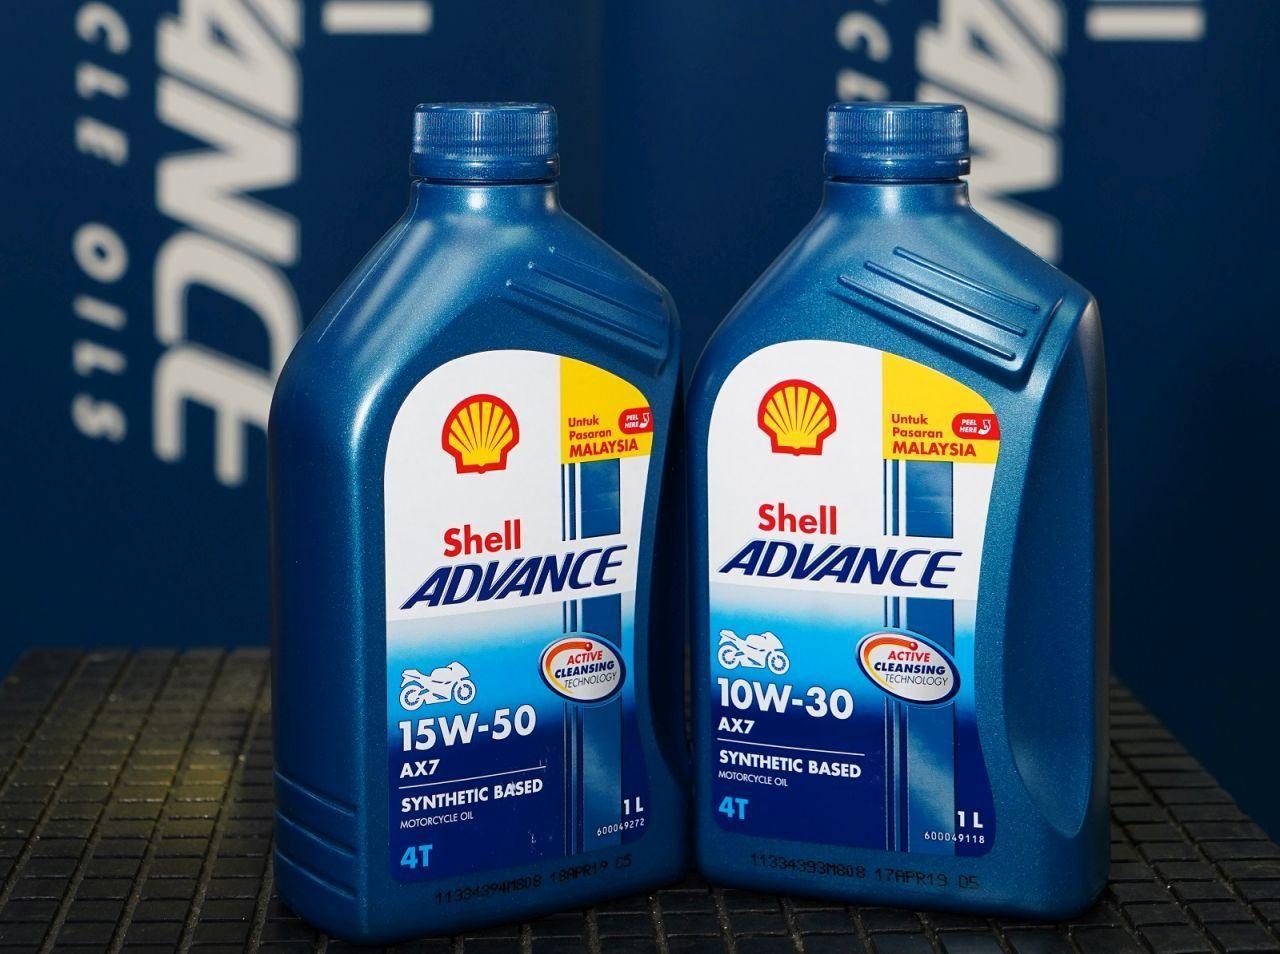 Dầu nhớt Shell Advance phù hợp cho xe máy 4 thì, 2 thì và xe tay ga